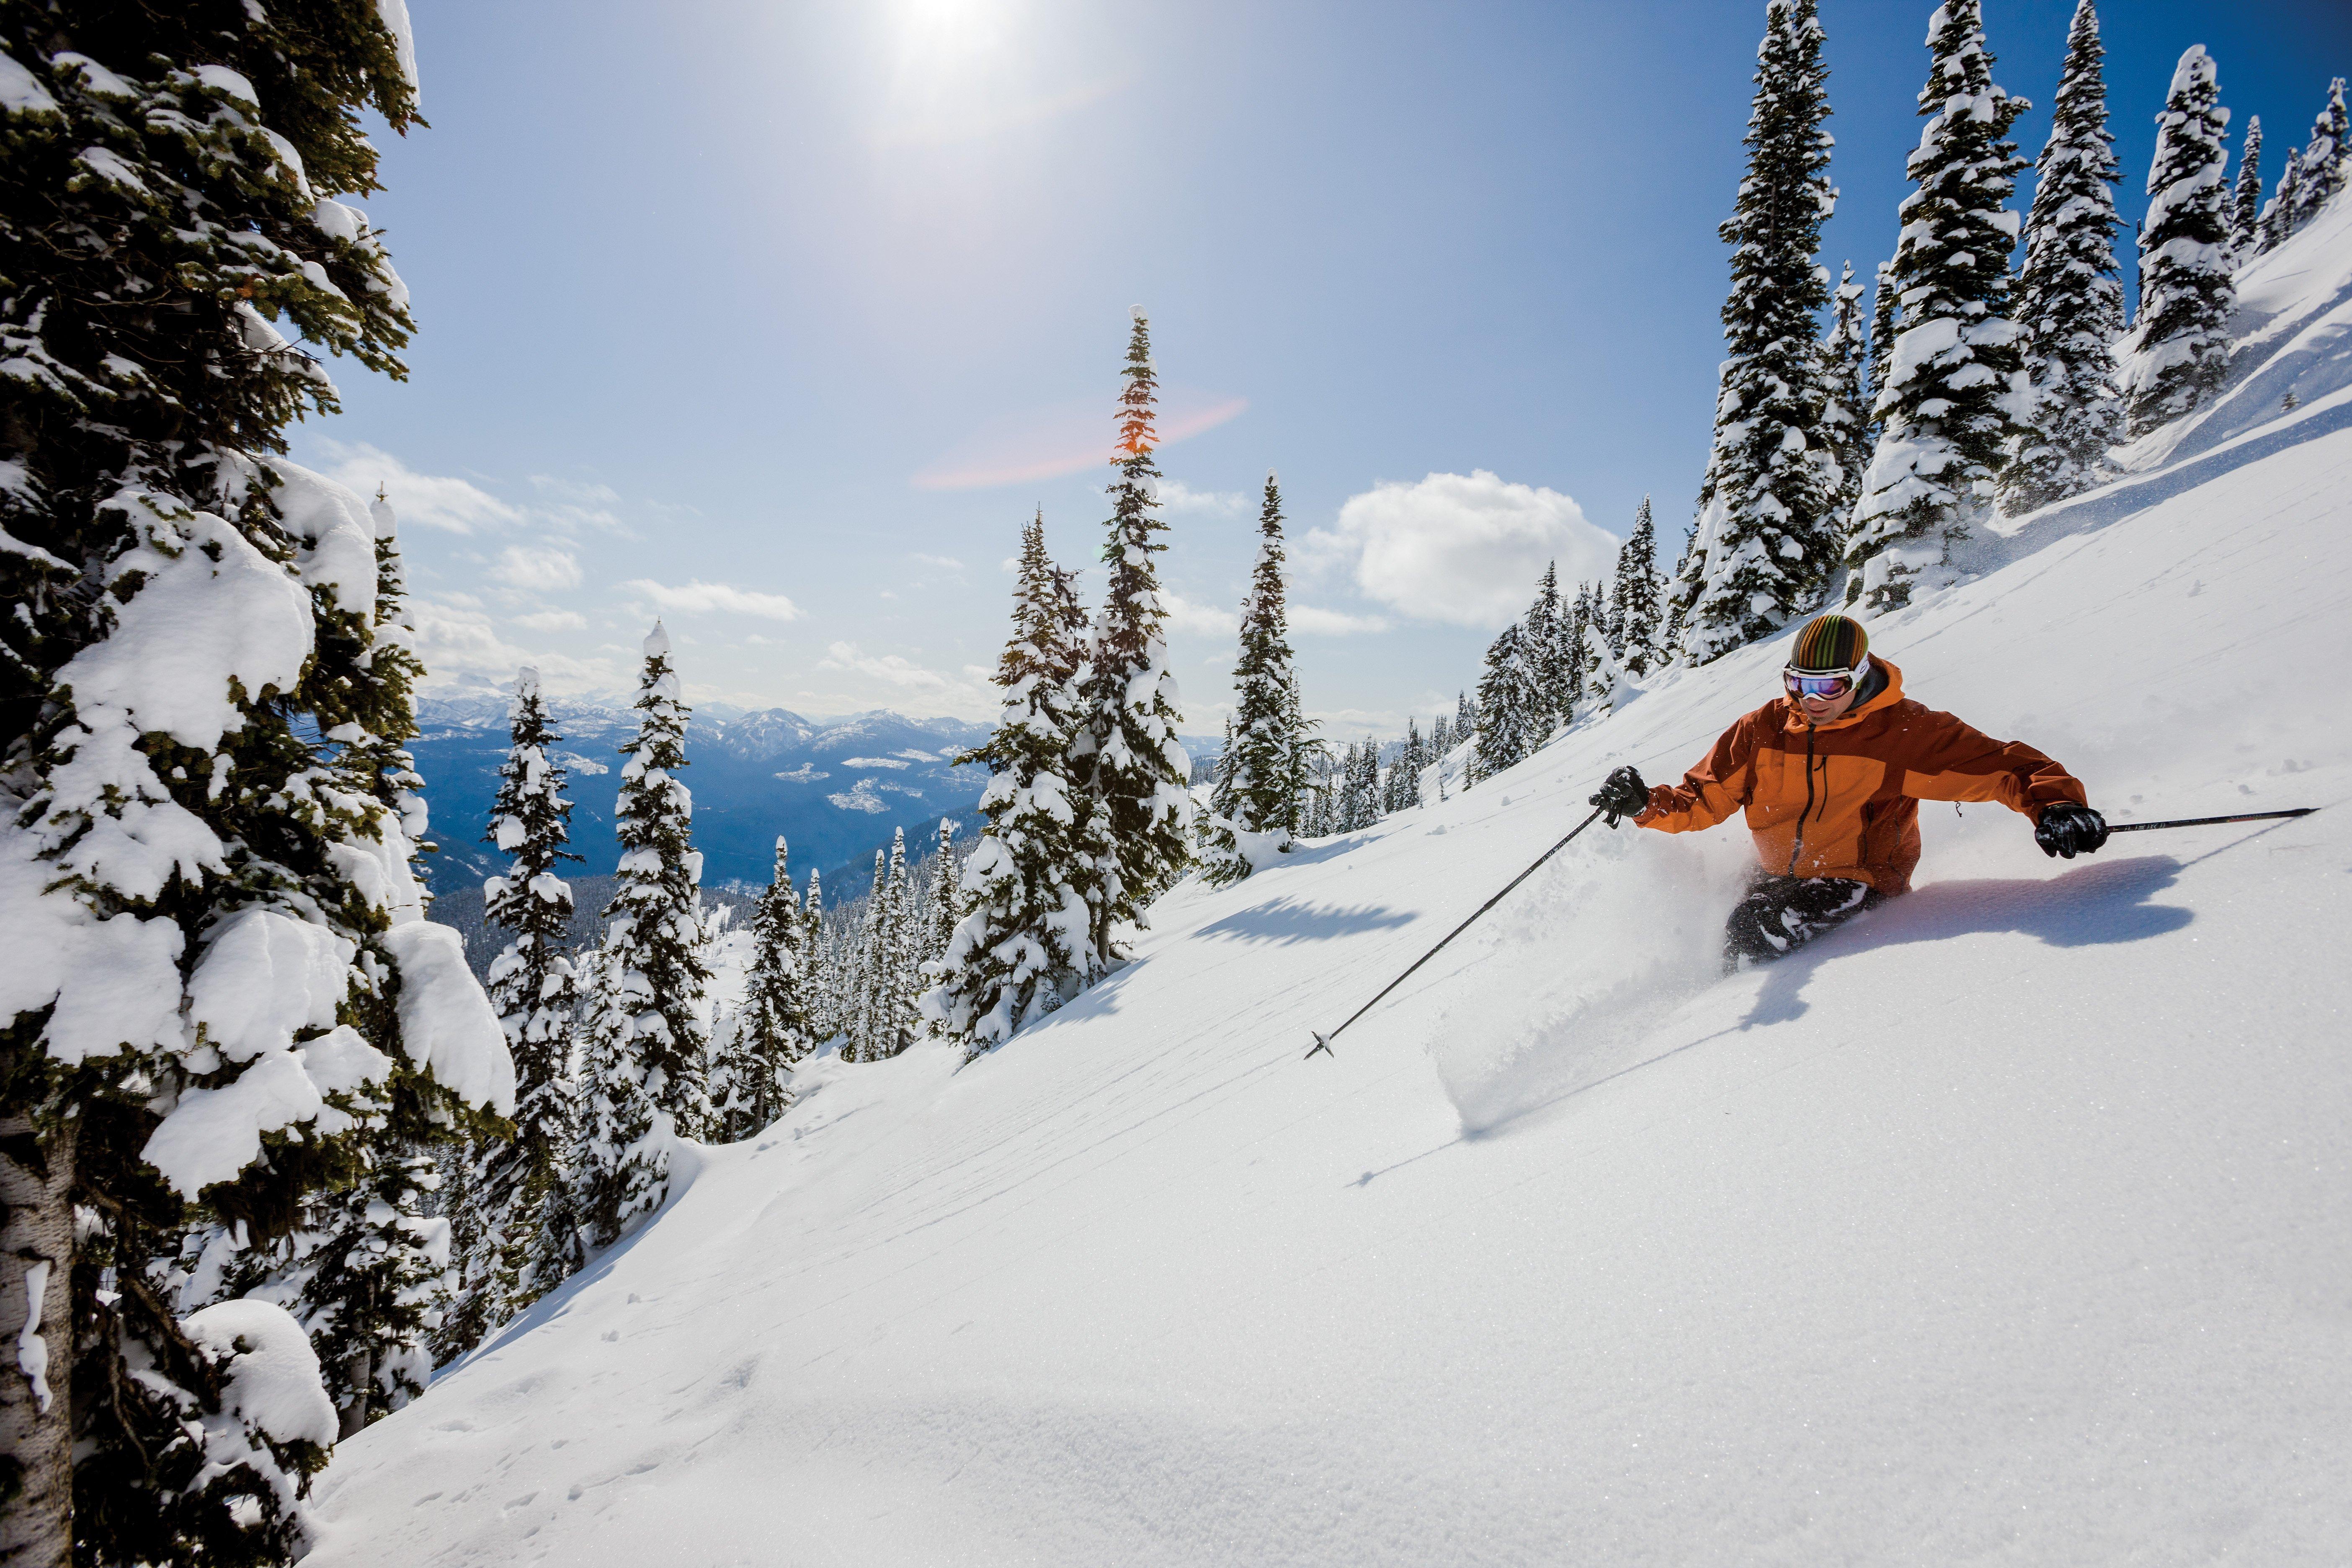 skiing winter snow ski mountains wallpaper | 5616x3744 | 536219